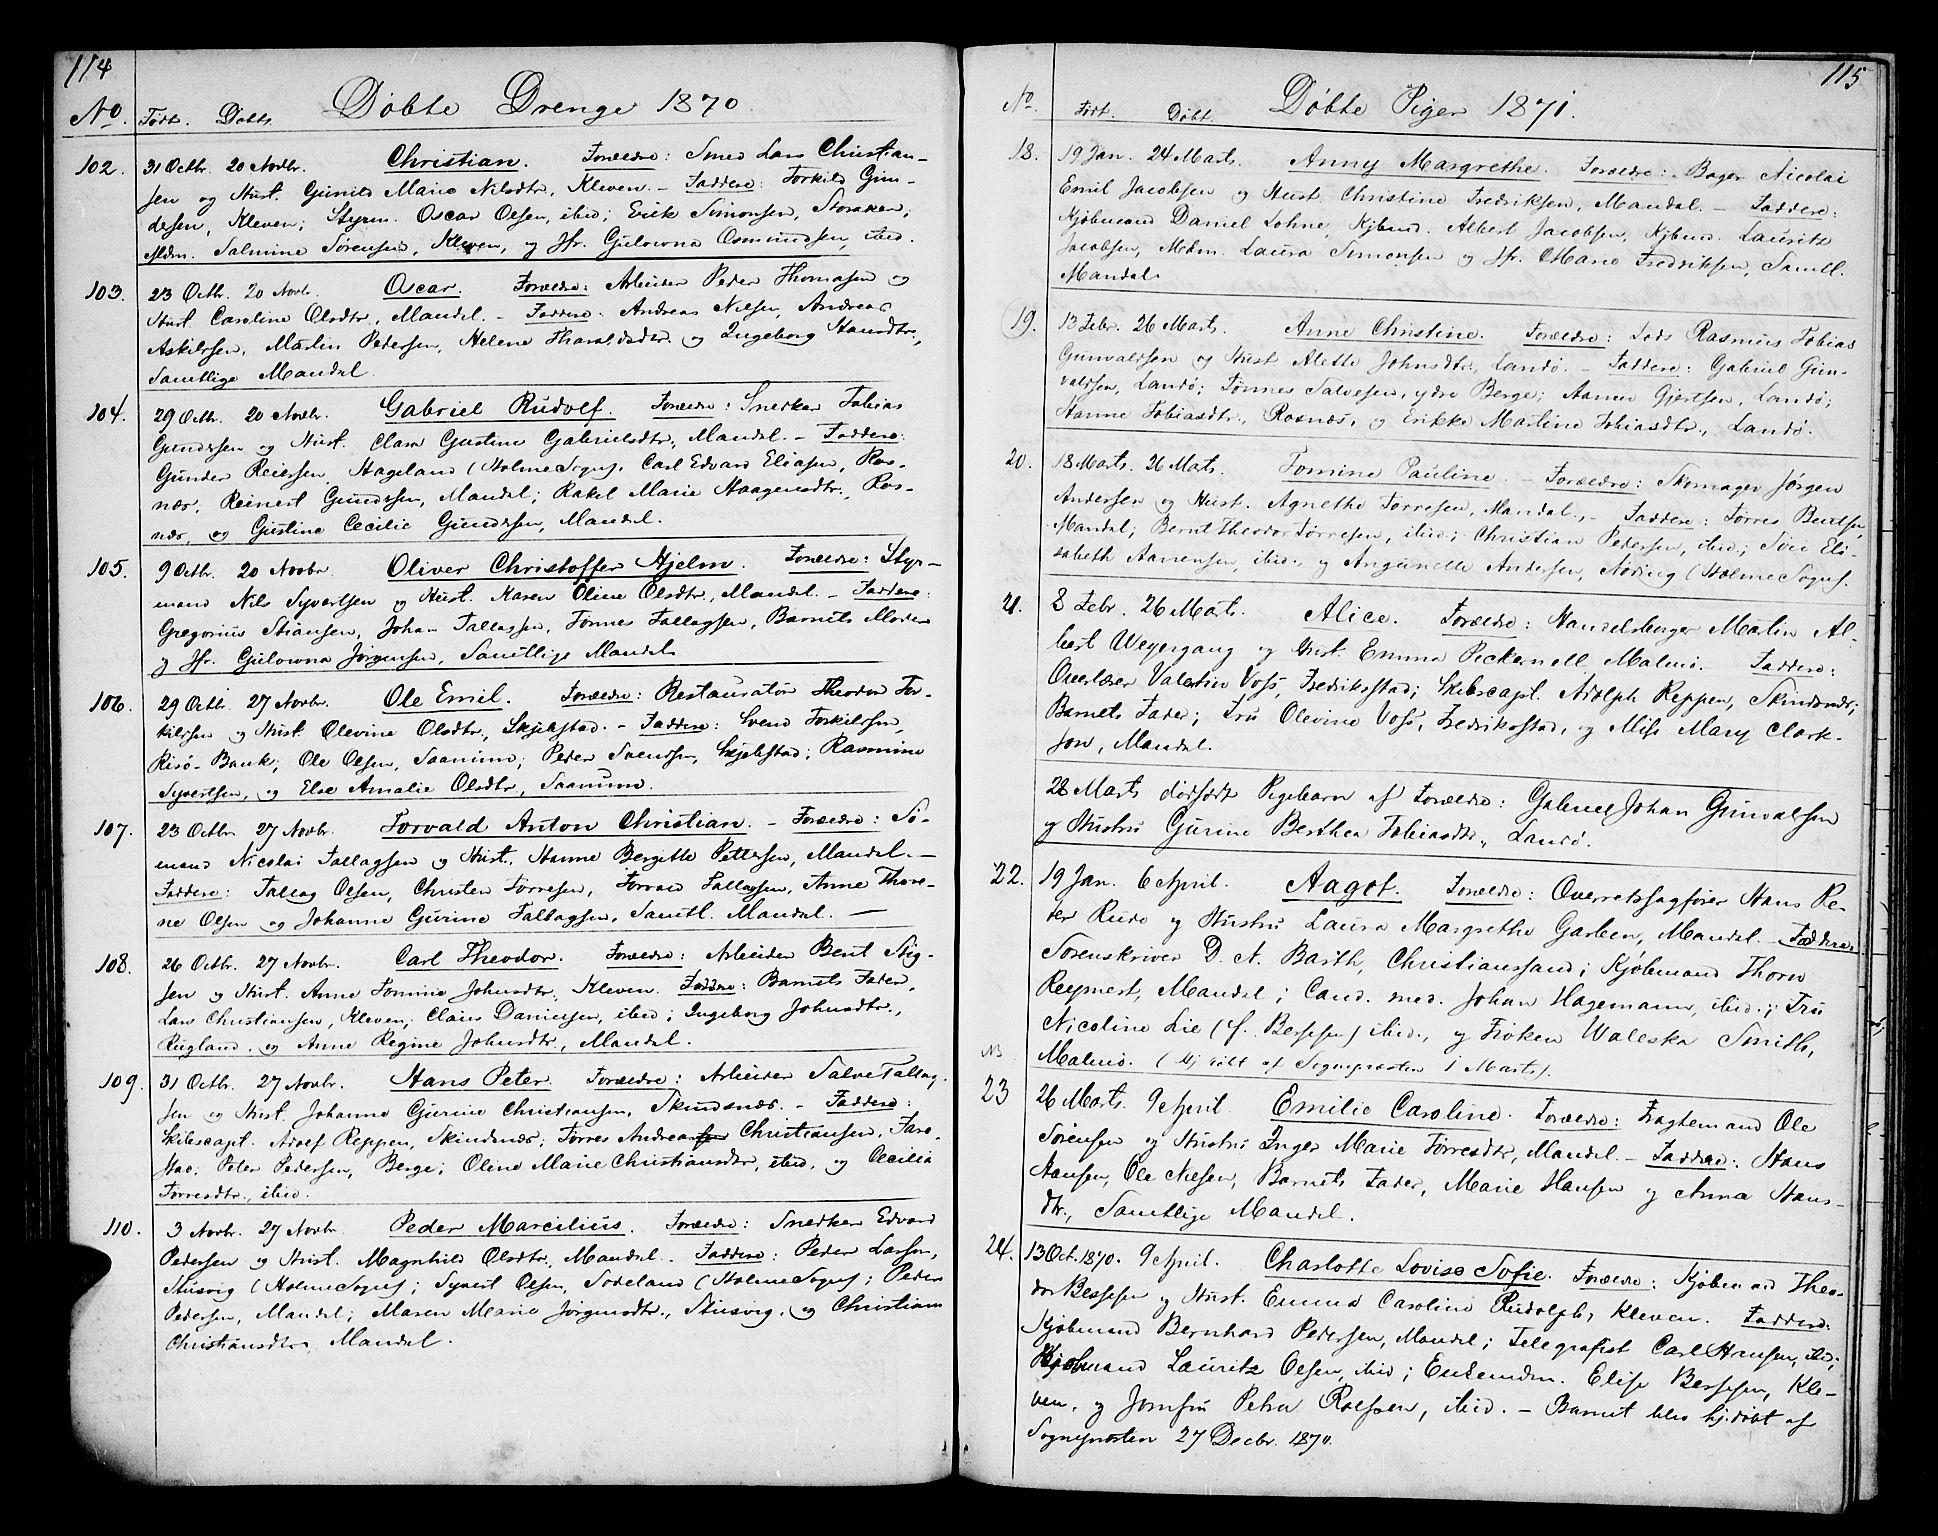 SAK, Mandal sokneprestkontor, F/Fb/Fba/L0009: Klokkerbok nr. B 3, 1867-1877, s. 114-115